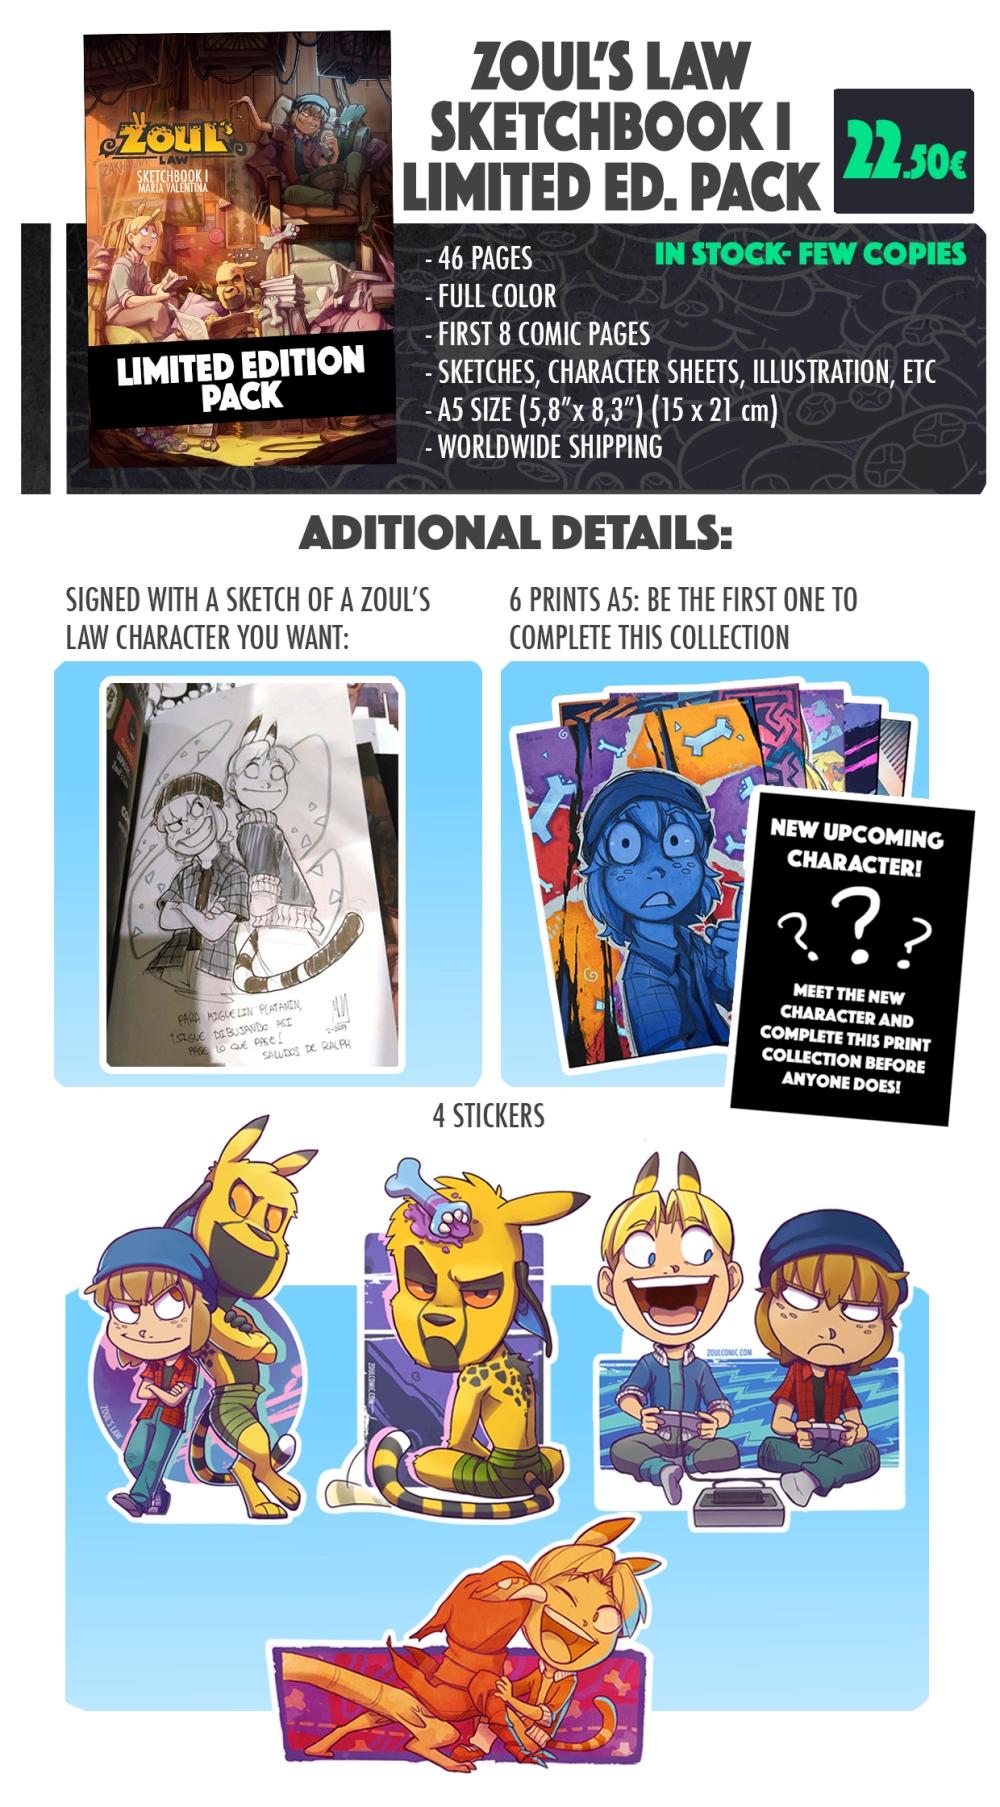 tienda_webzoul_sketch limited